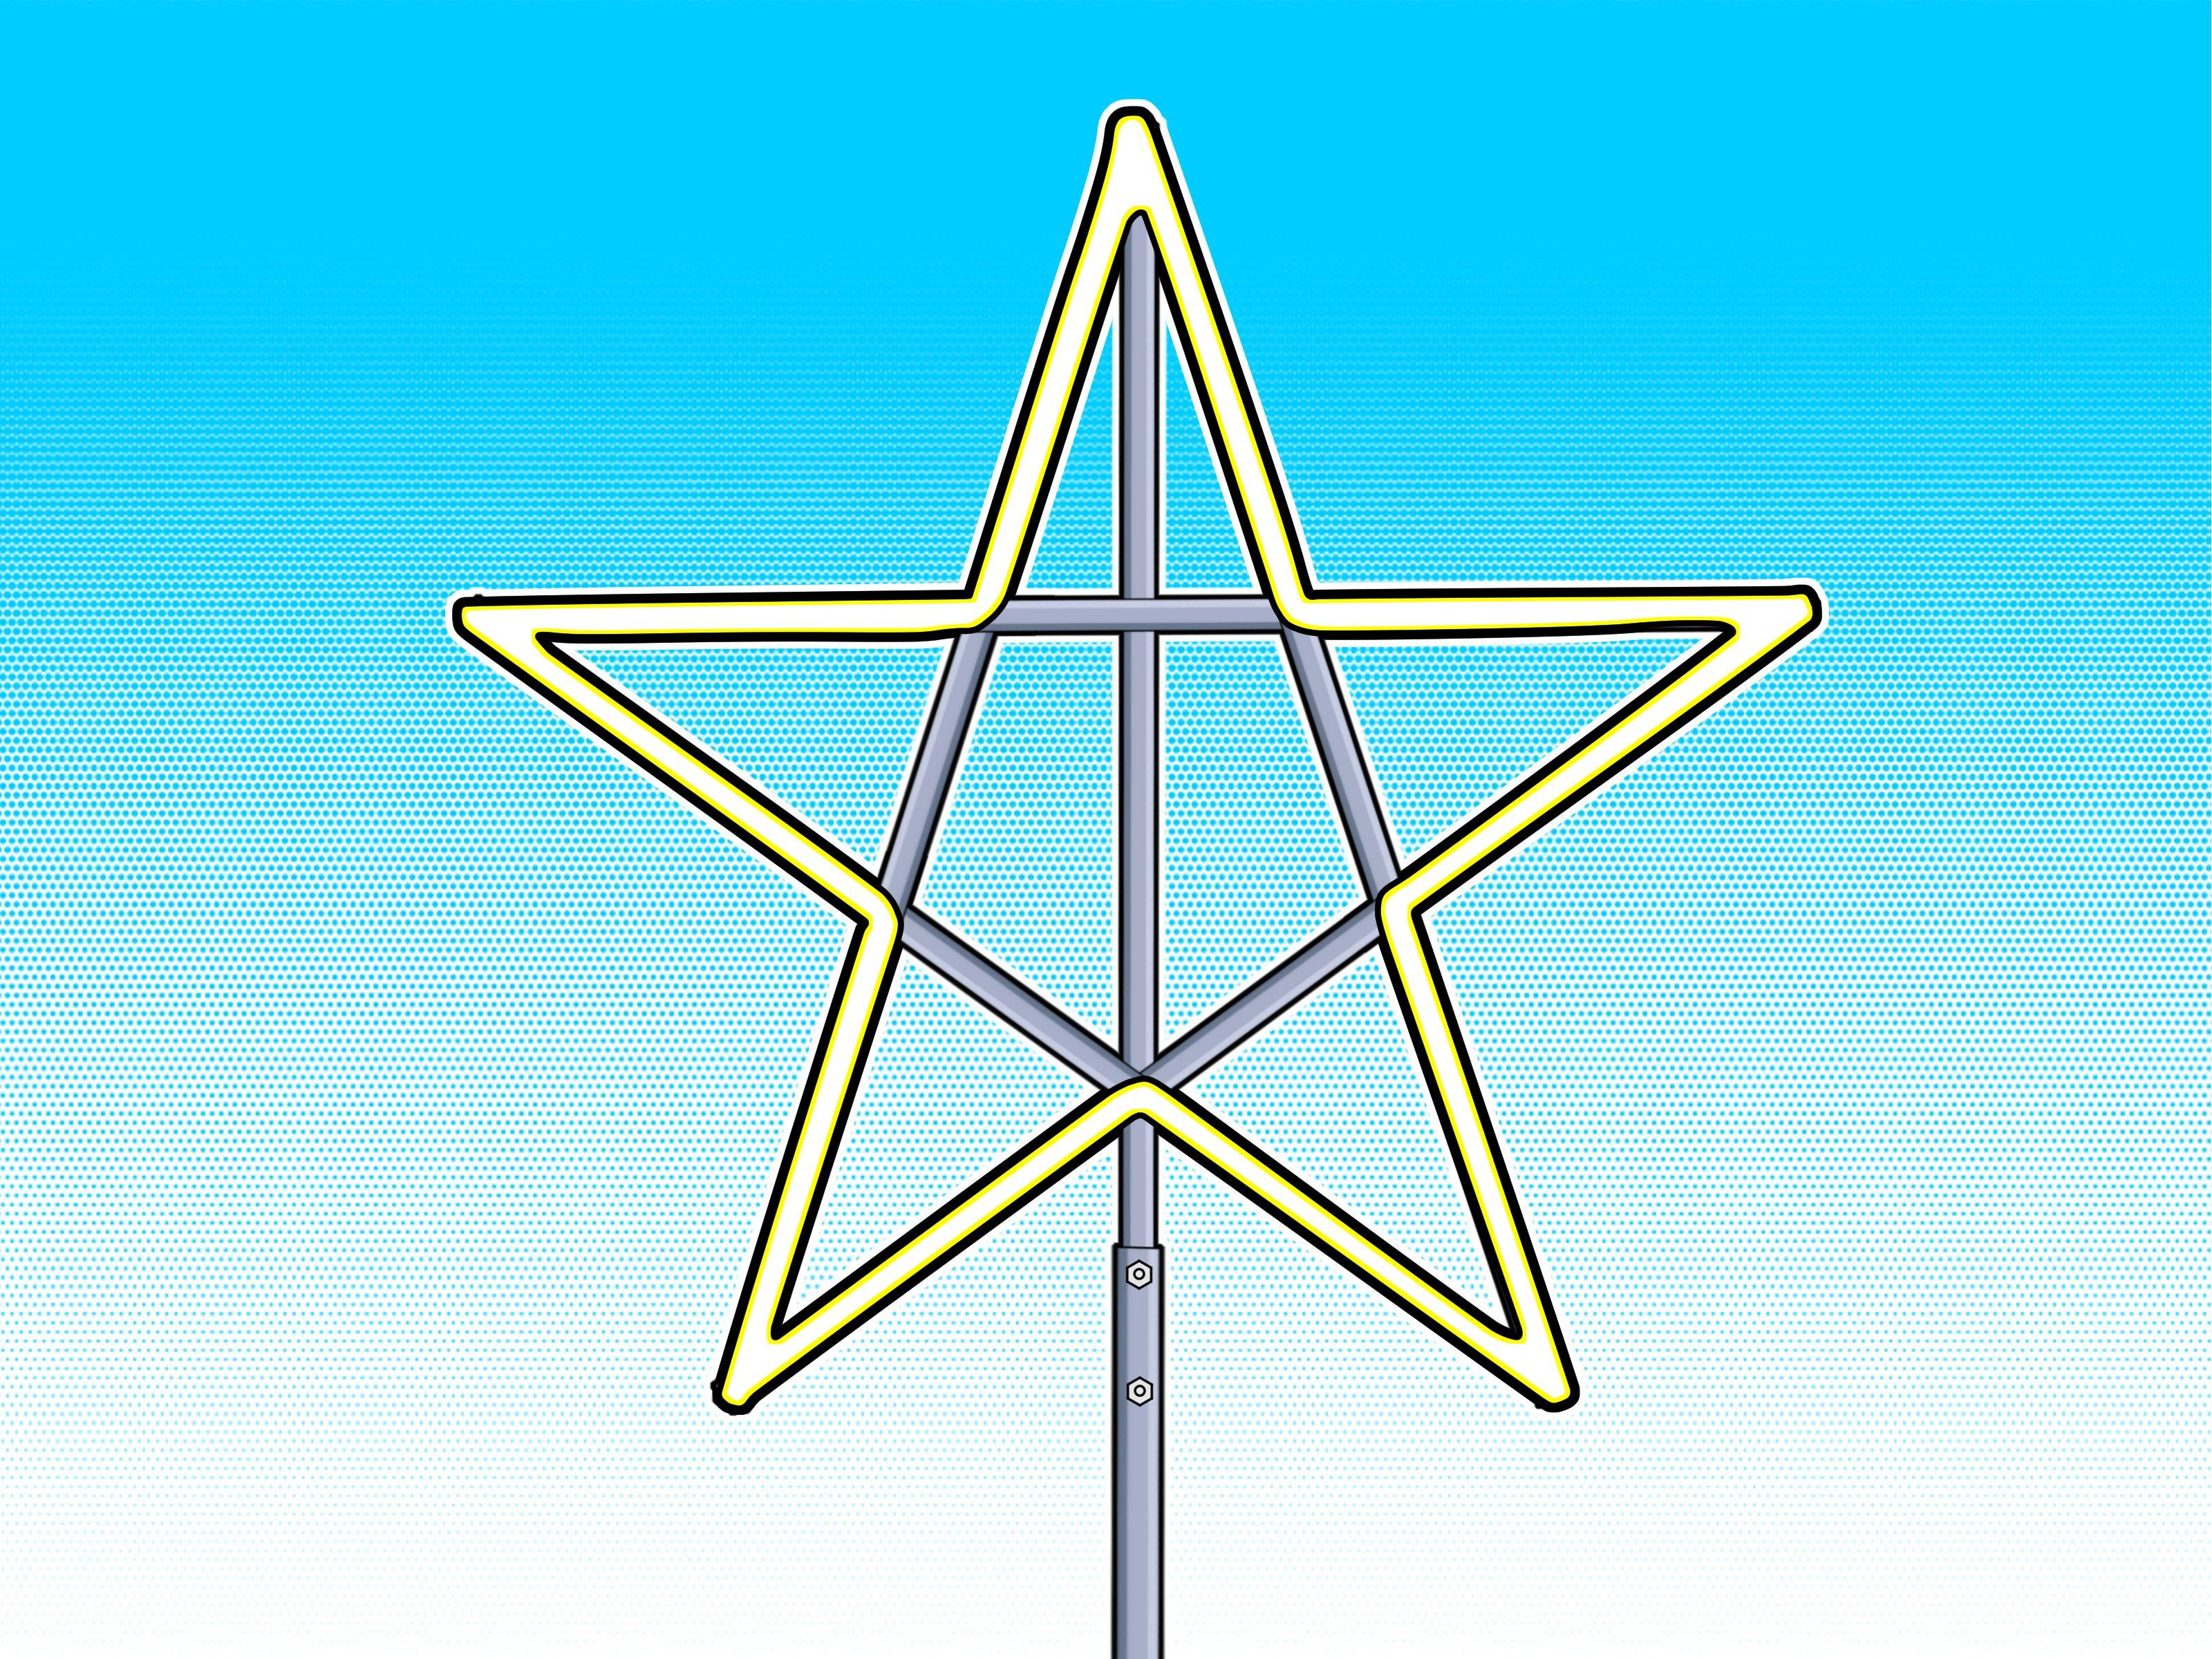 How To Make A Large Christmas Star Christmas Star Outdoor Christmas Light Displays Christmas Lights Outside